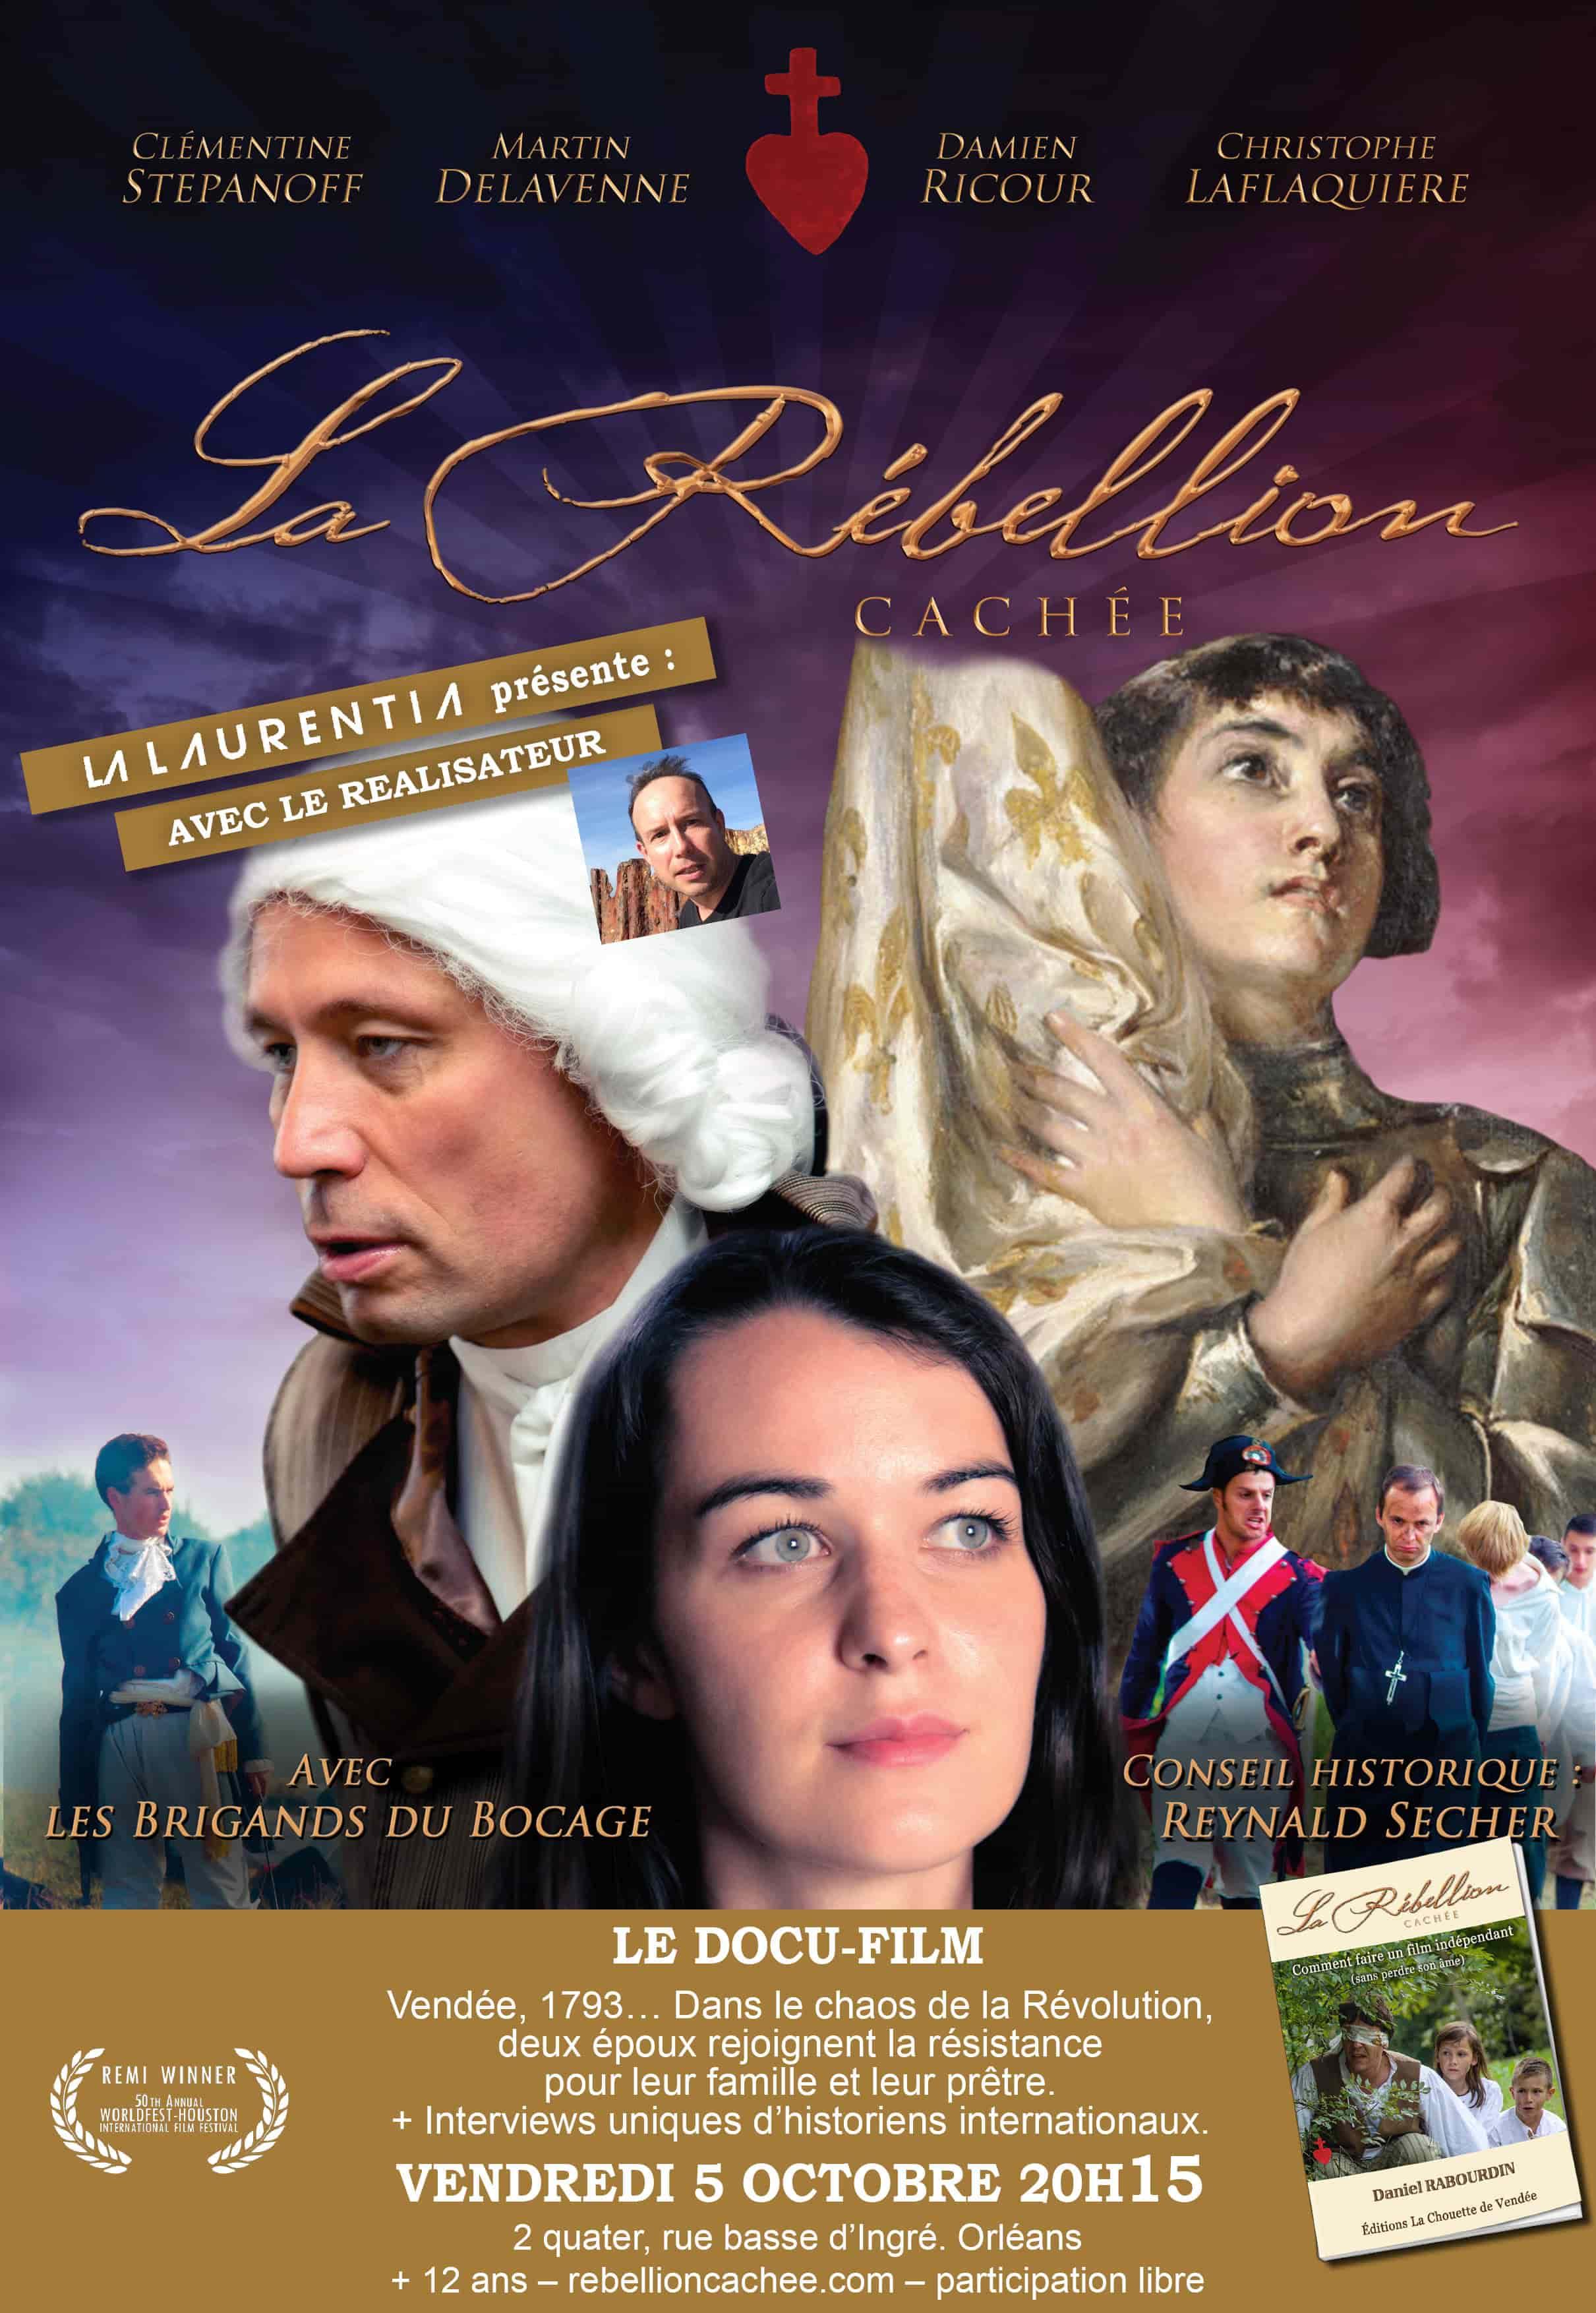 Projection du film La rébellion cachée en présence du réalisateur le 5 octobre 2018 à Orléans (45)